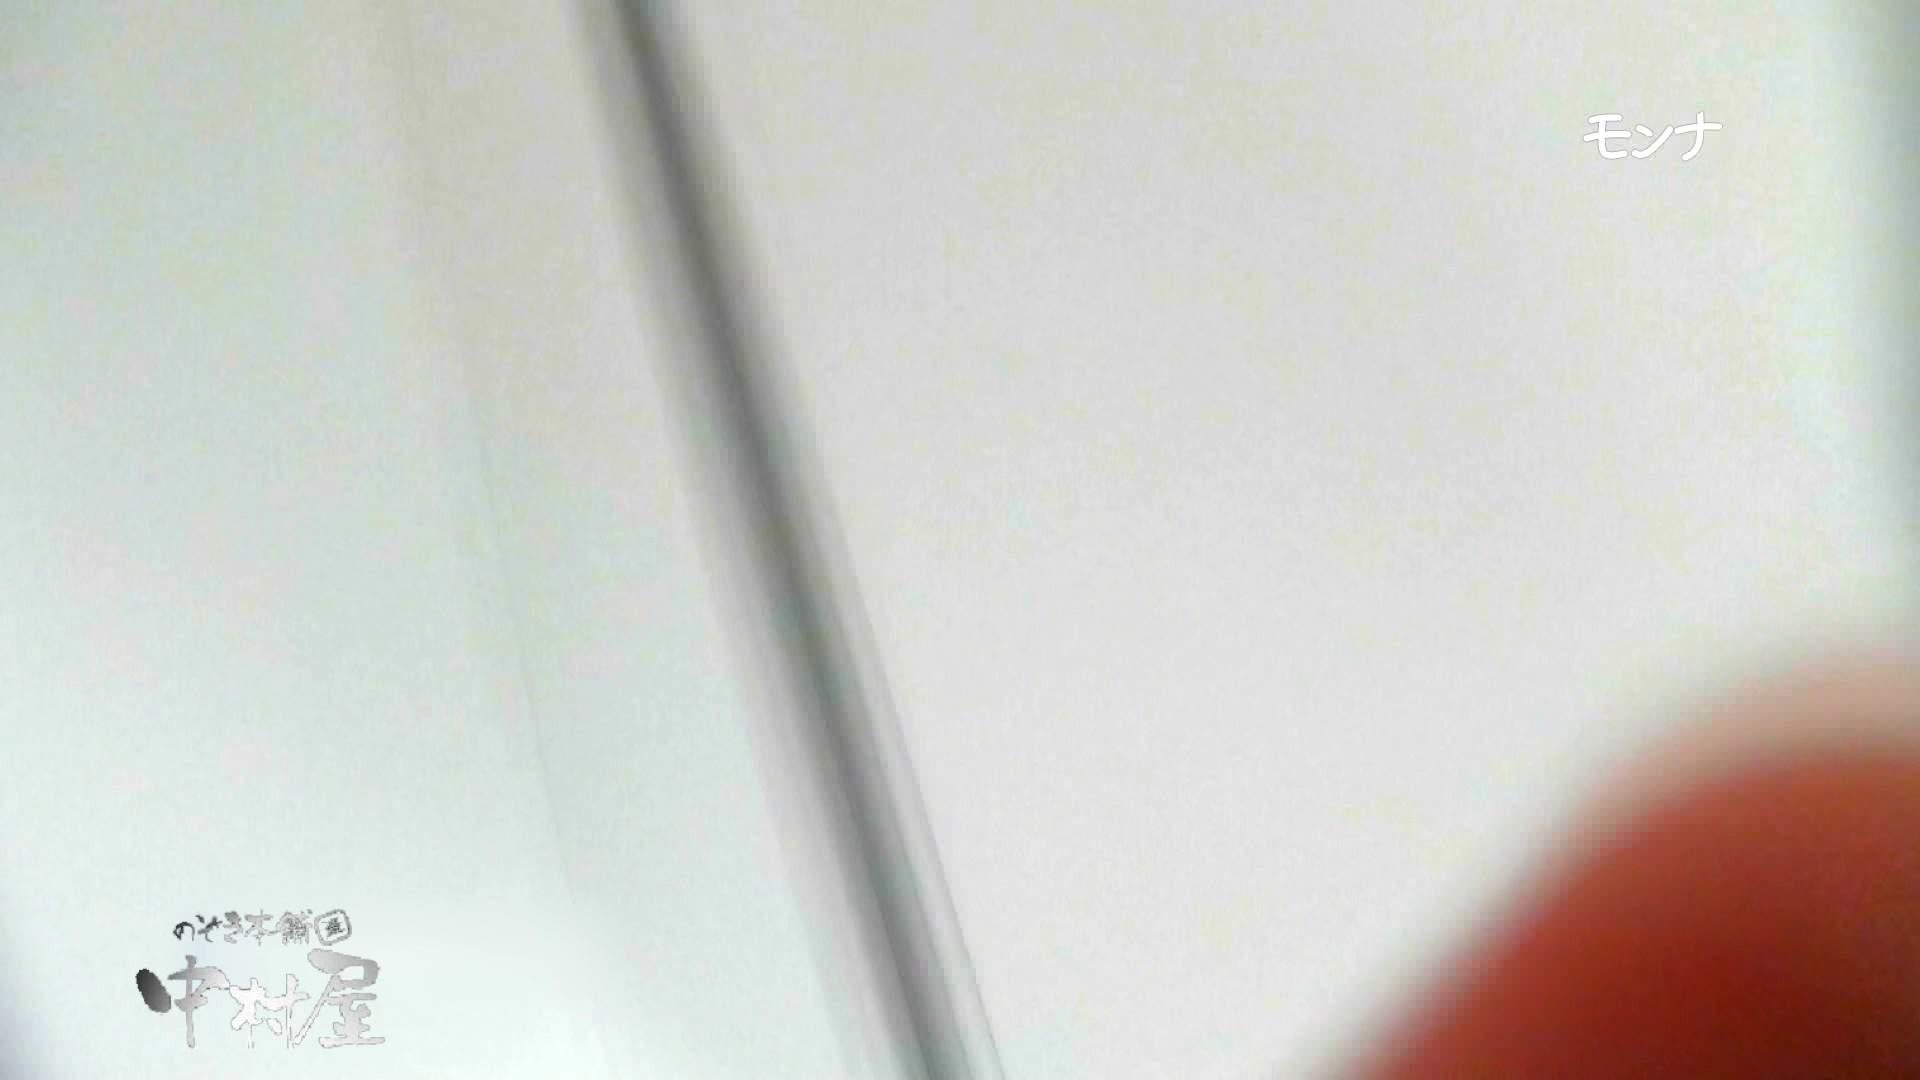 【美しい日本の未来】遂に!!戸田恵梨香似の予告モデル登場ダッシュで「大」後編 Hなモデル  105pic 6